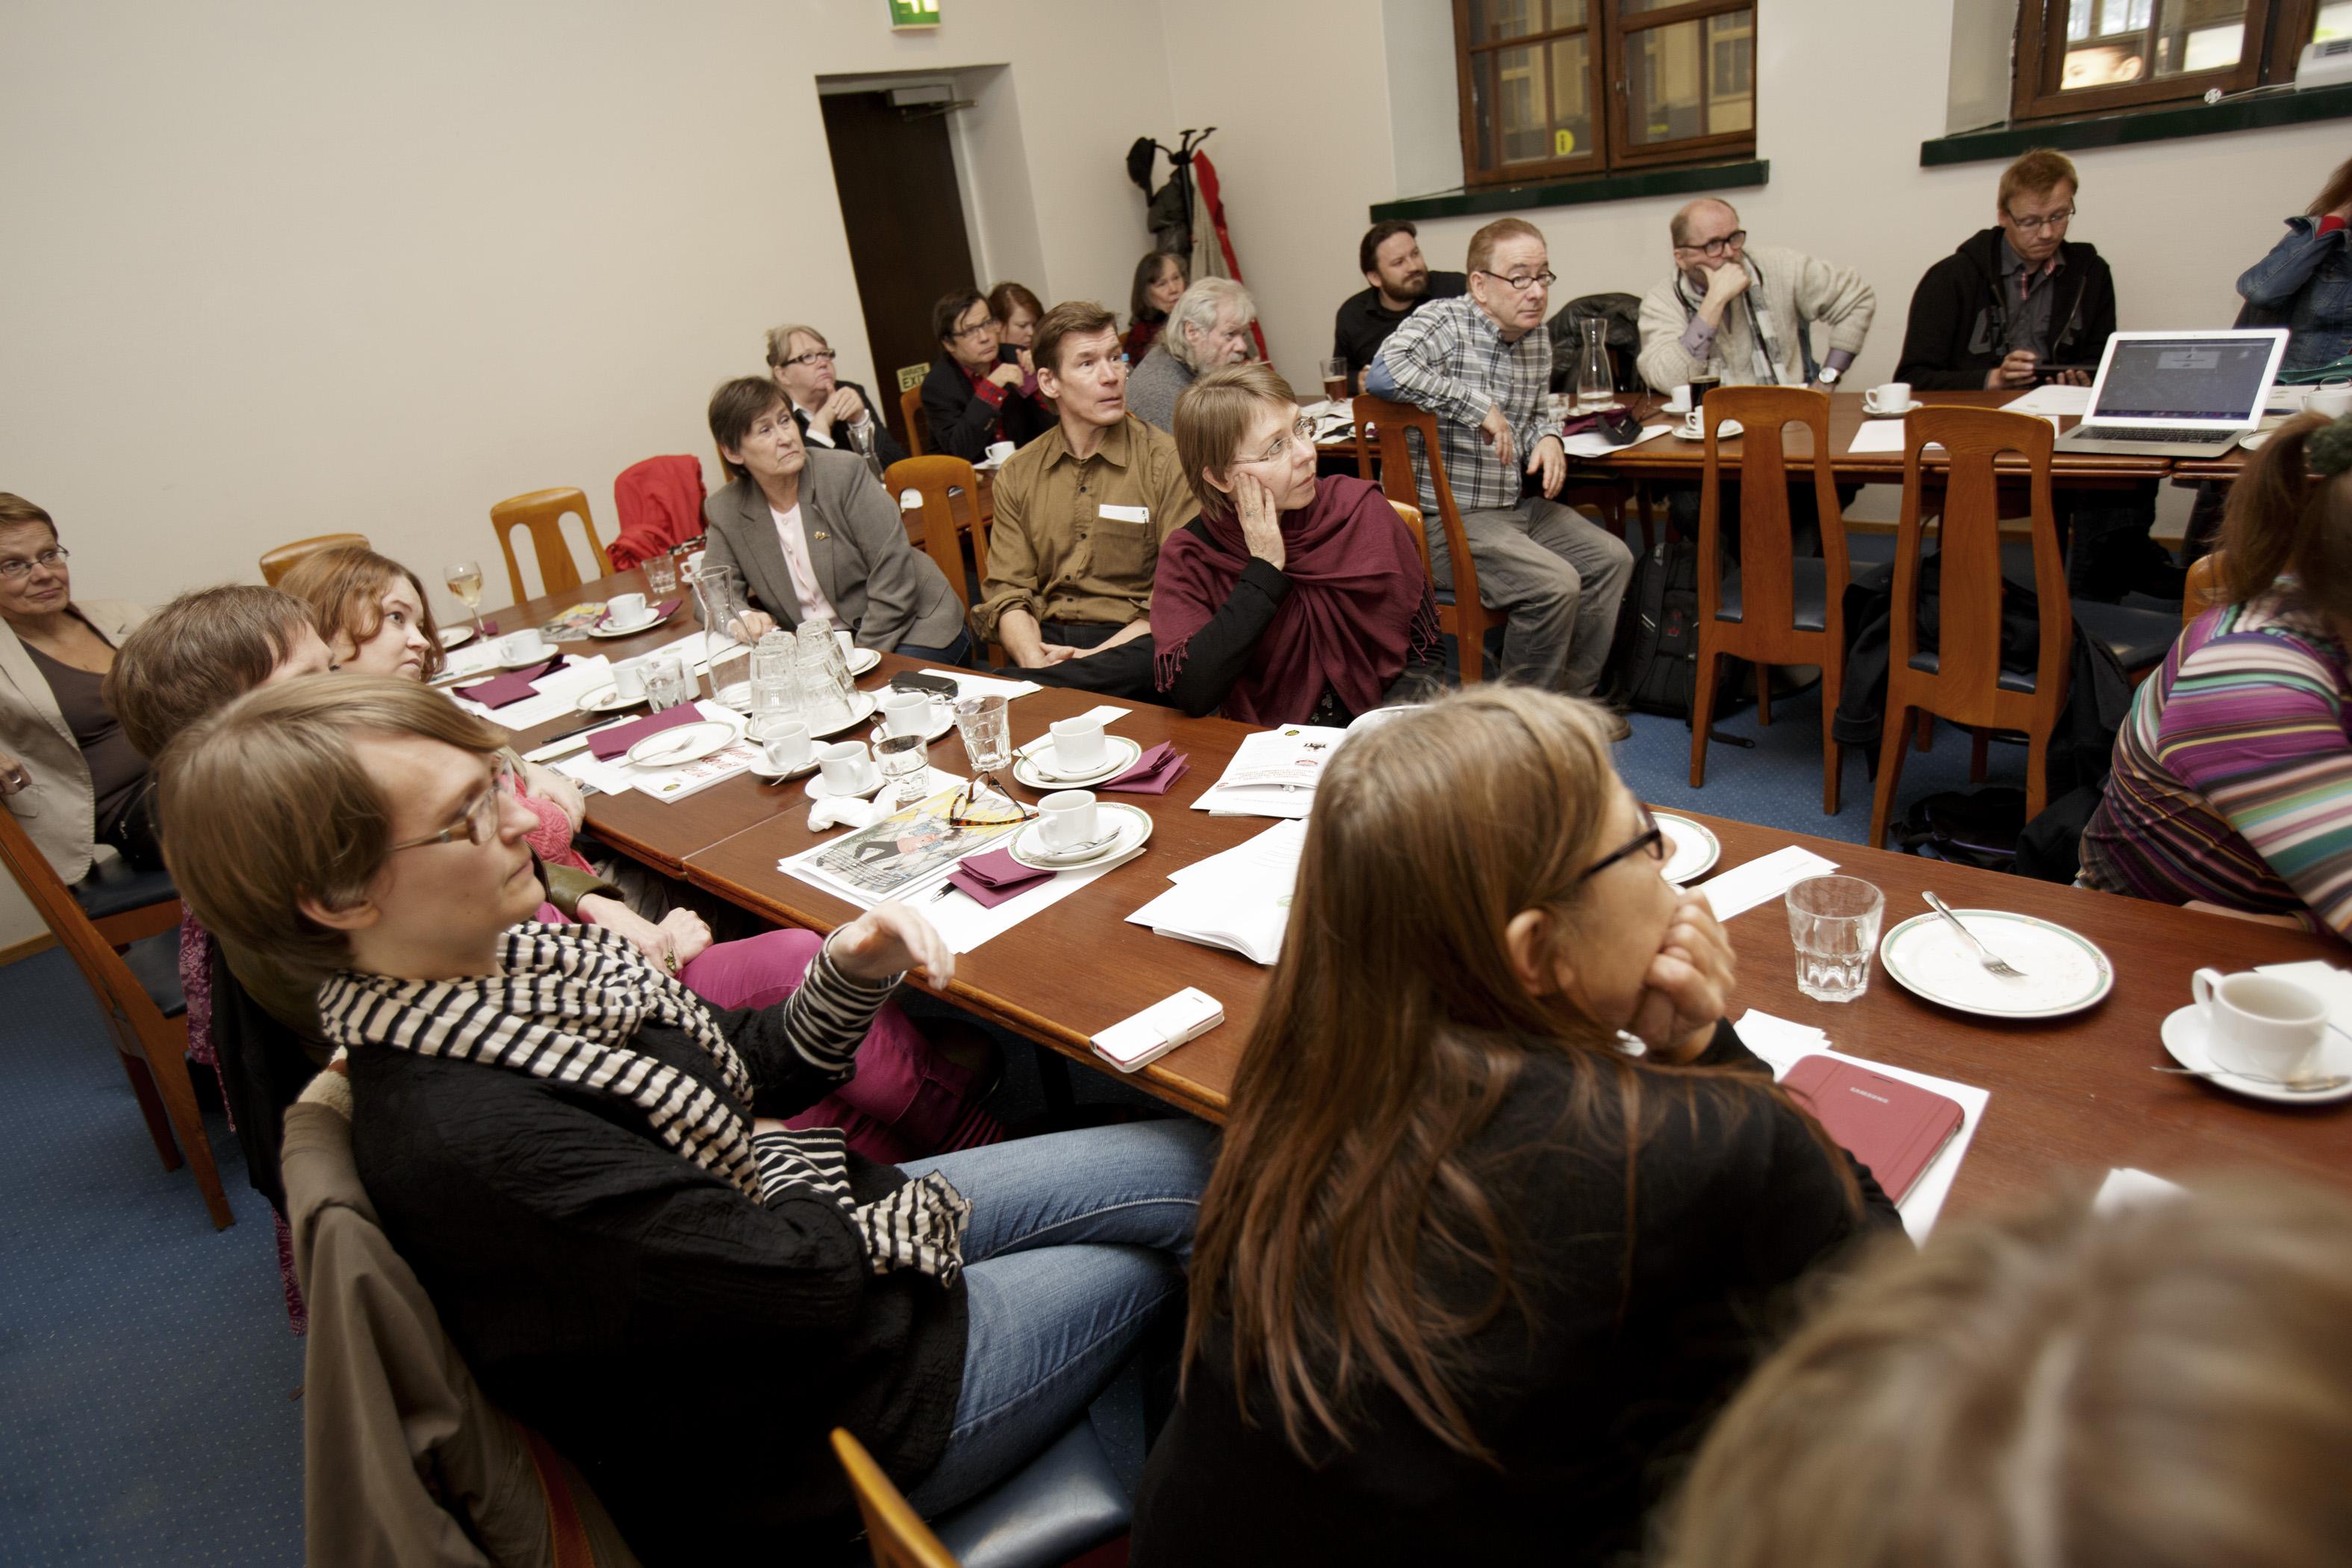 Pressiklubille kokoontui 30 jäsentä tekemään päätöksiä yhdistyksen toiminnasta.